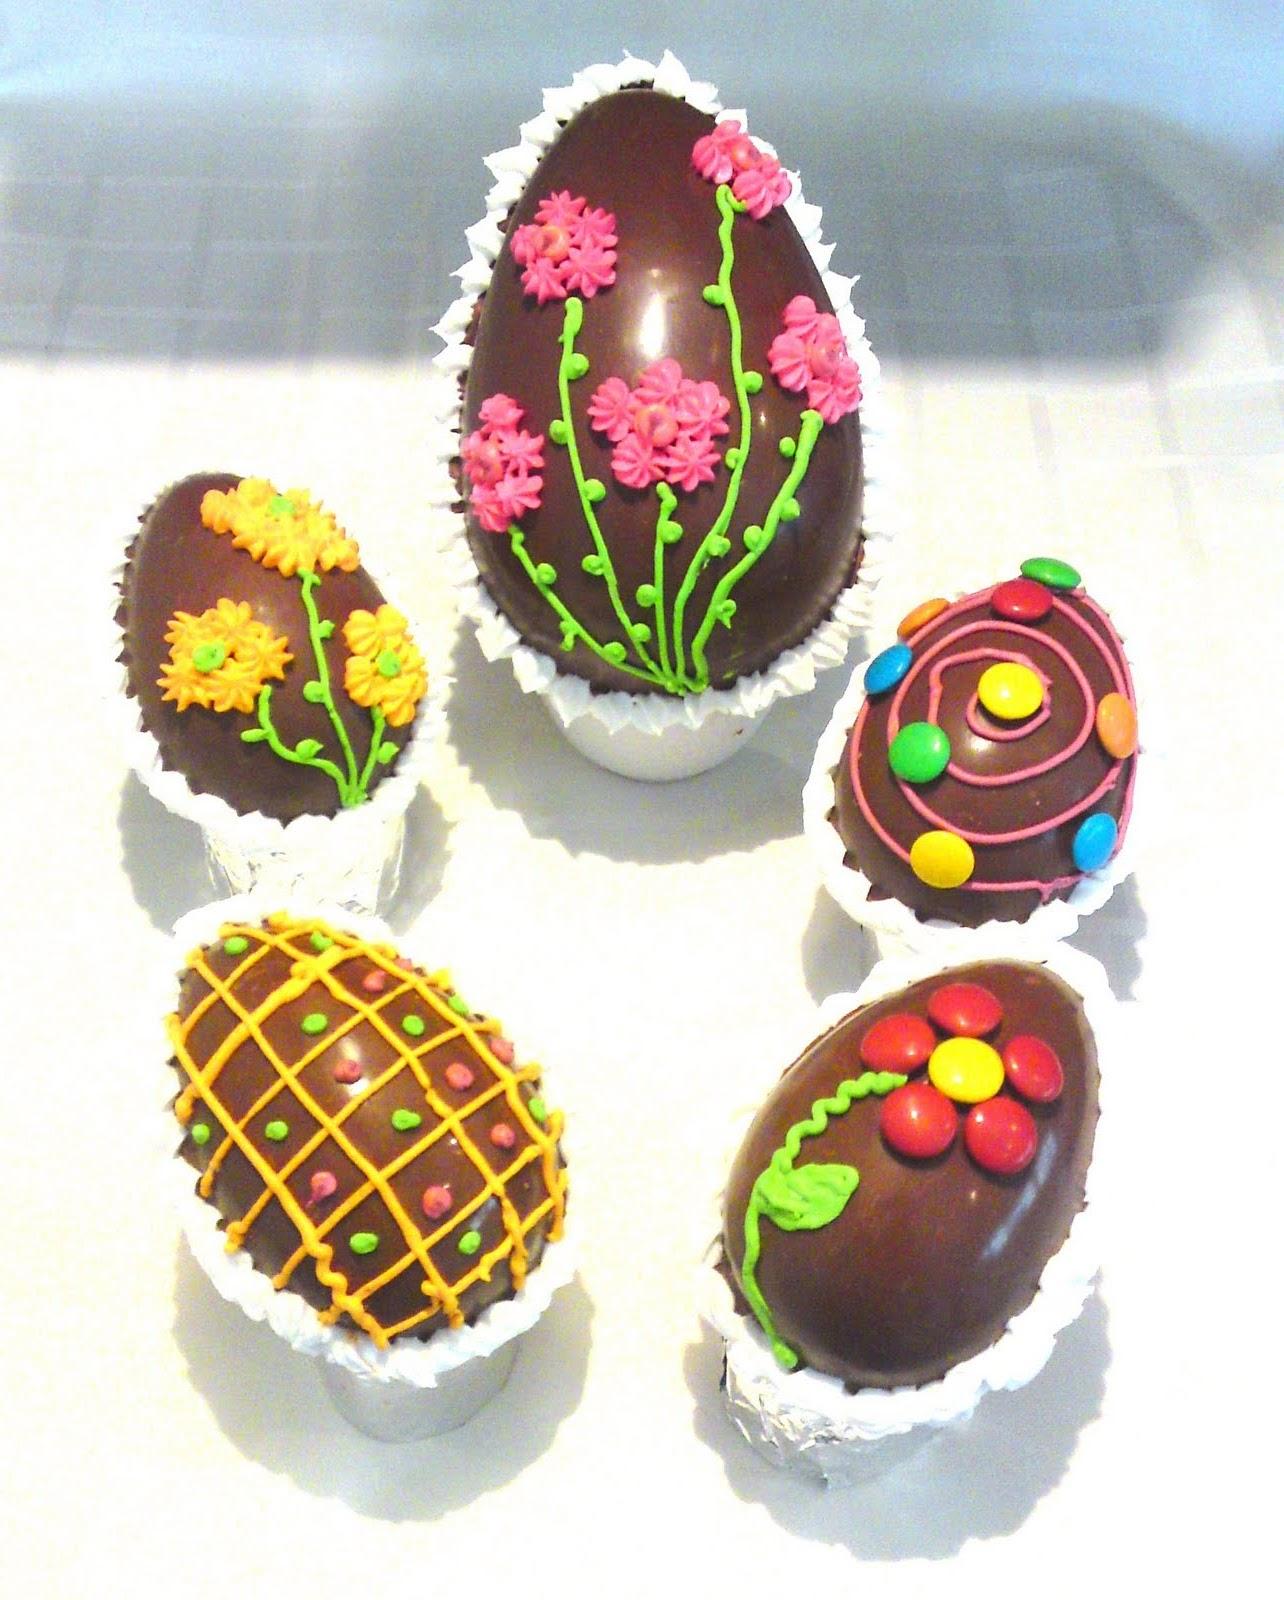 Receta de pascua huevos de pascua recetas de cocina - Huevos decorados de pascua ...